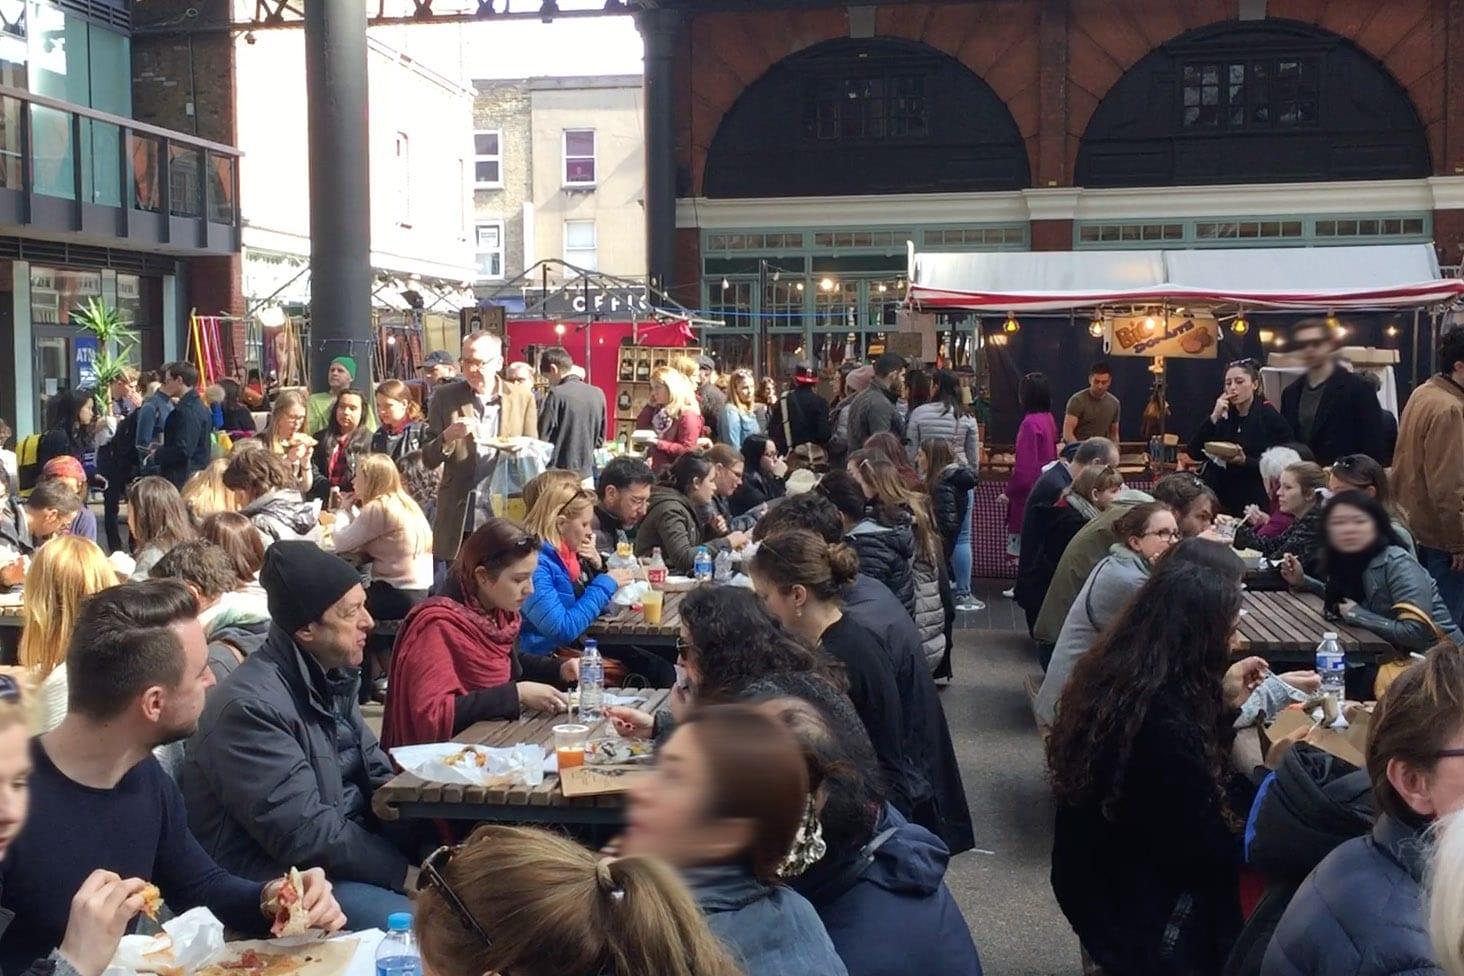 Mercado de comida en el Old Spitalfields Market